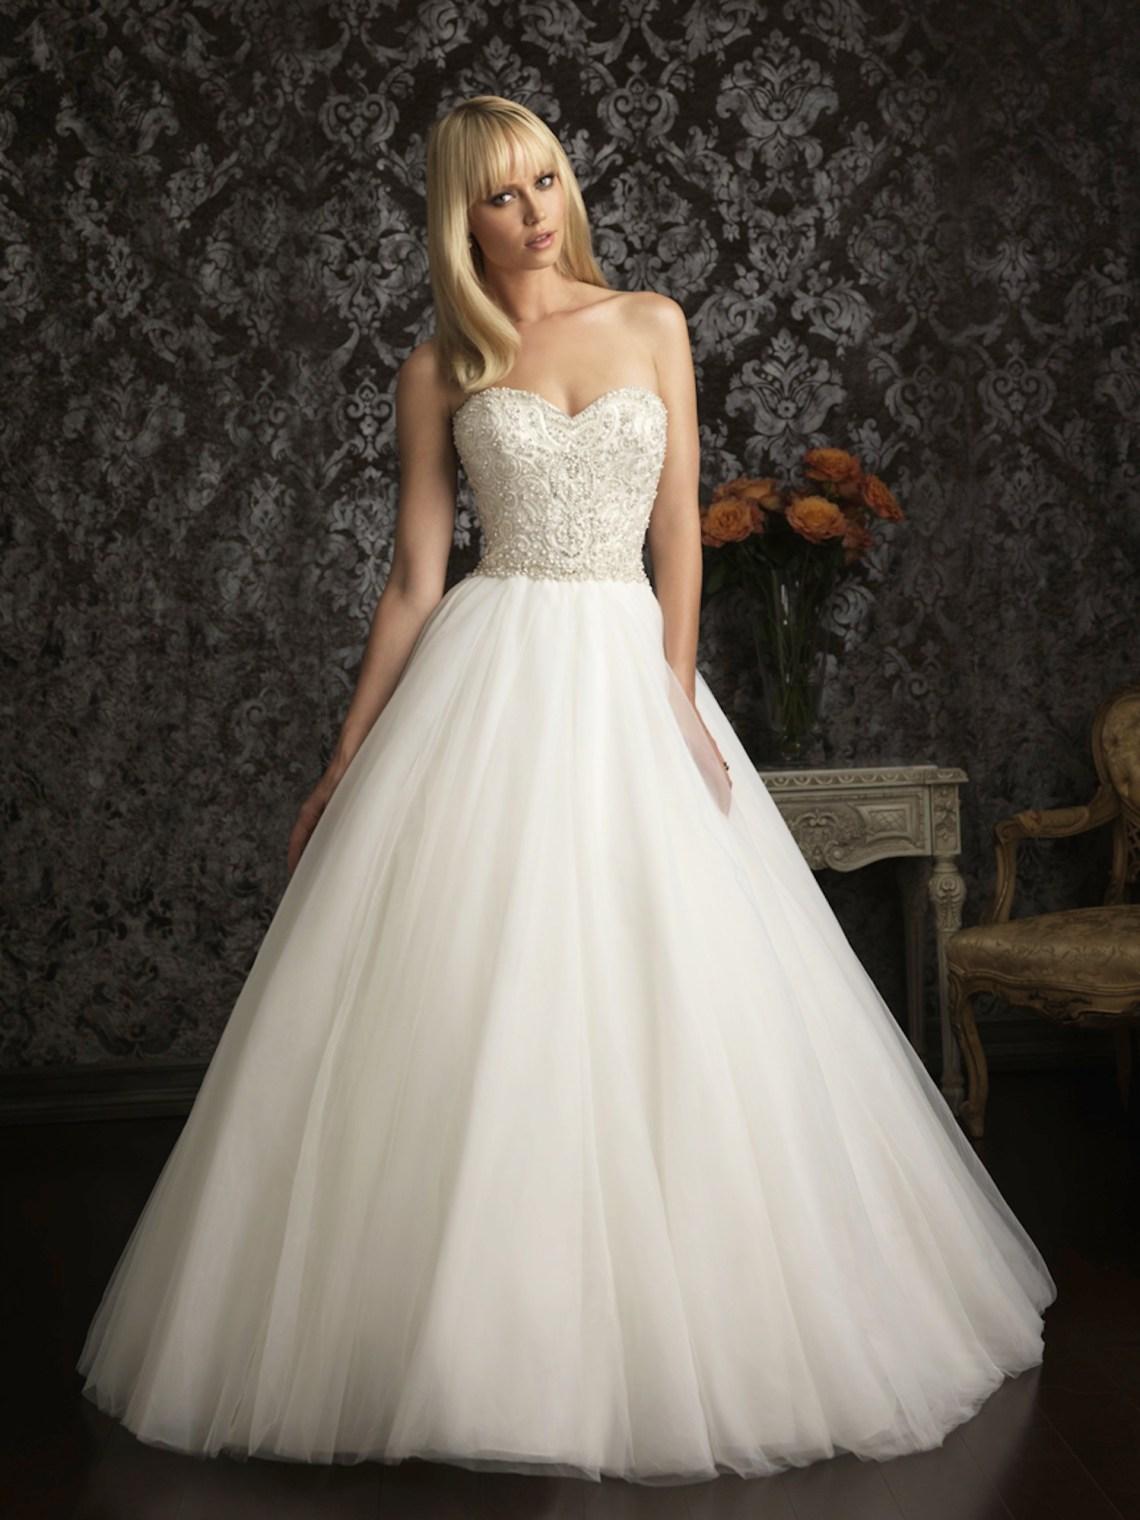 Image Result For Allure Wedding Dresses